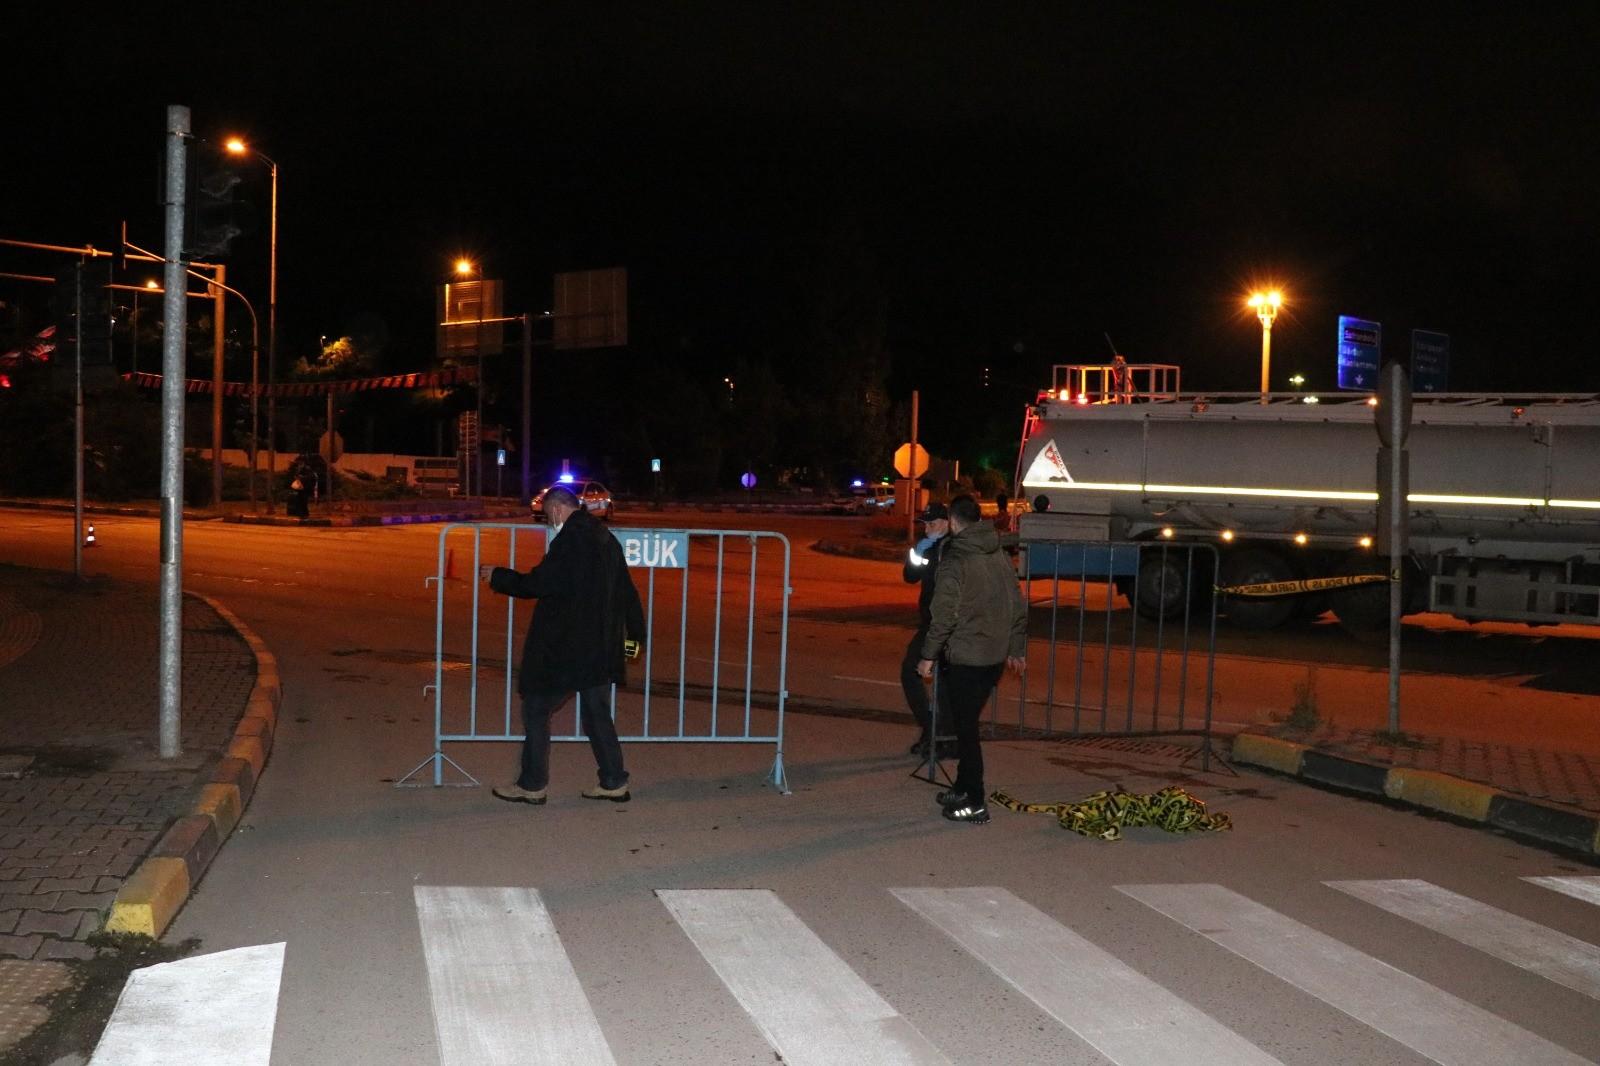 Yasak başladı yollar bariyerlere kapatıldı